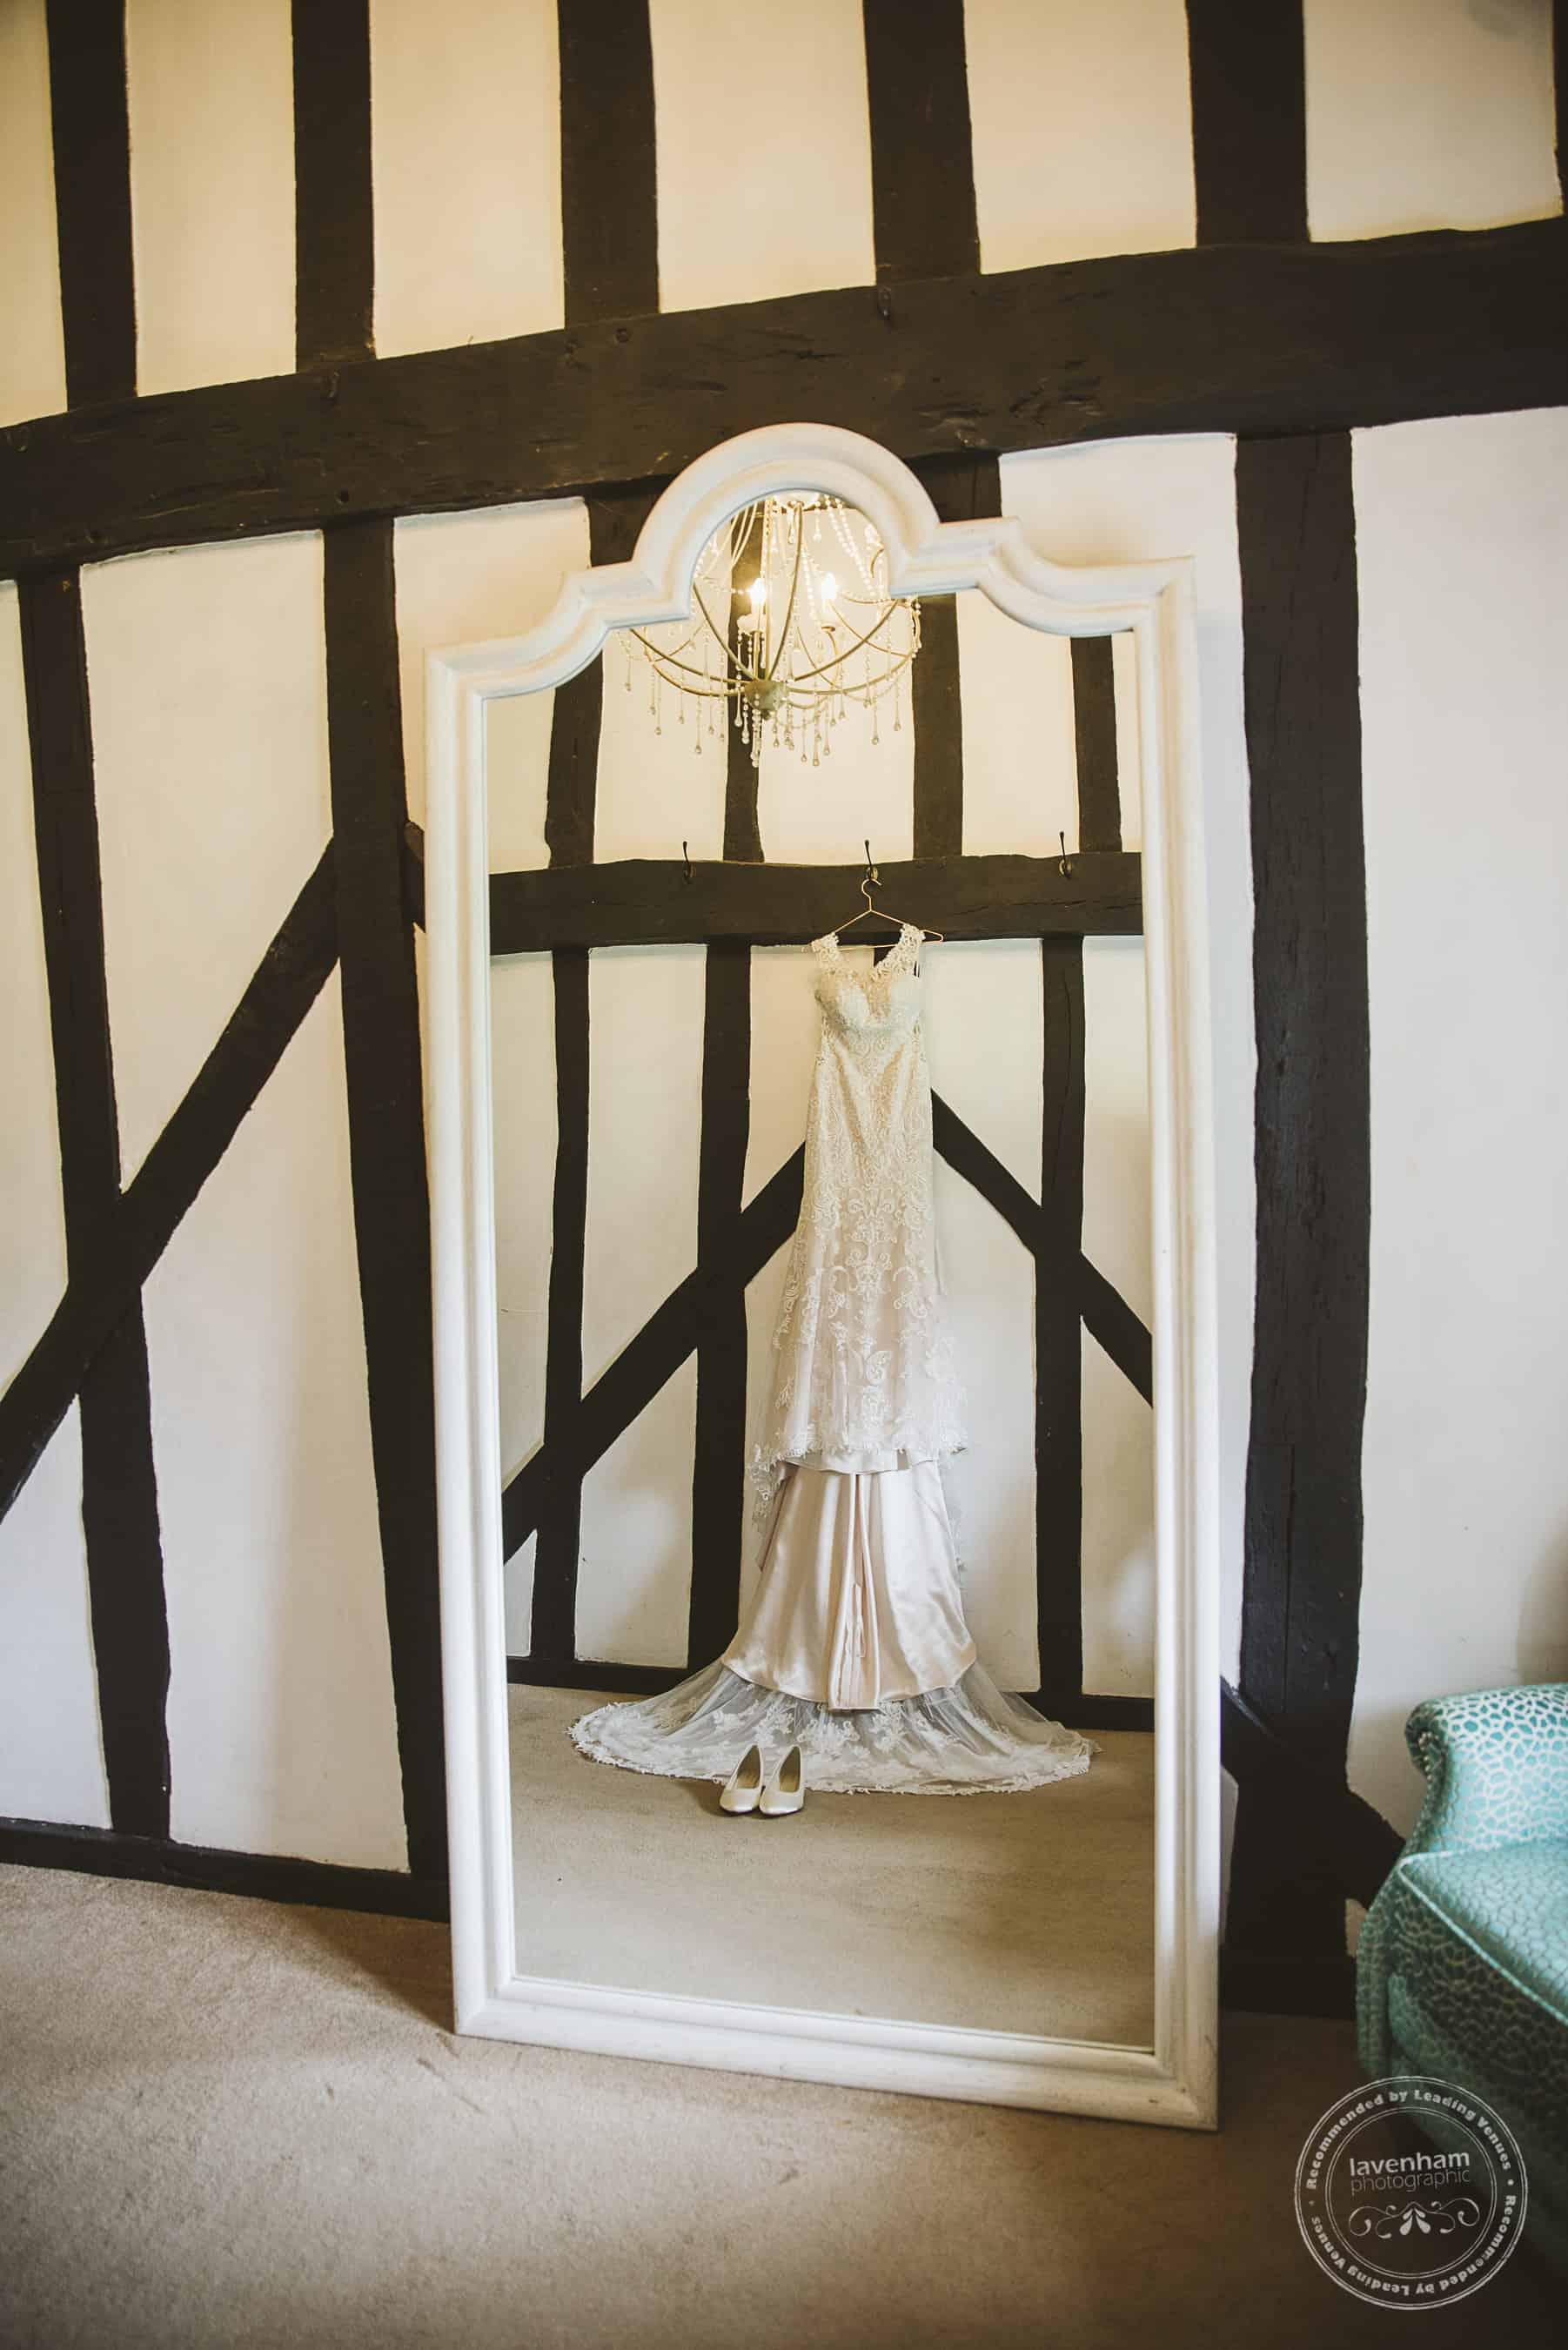 020618 Leez Priory Wedding Photography Lavenham Photographic 025